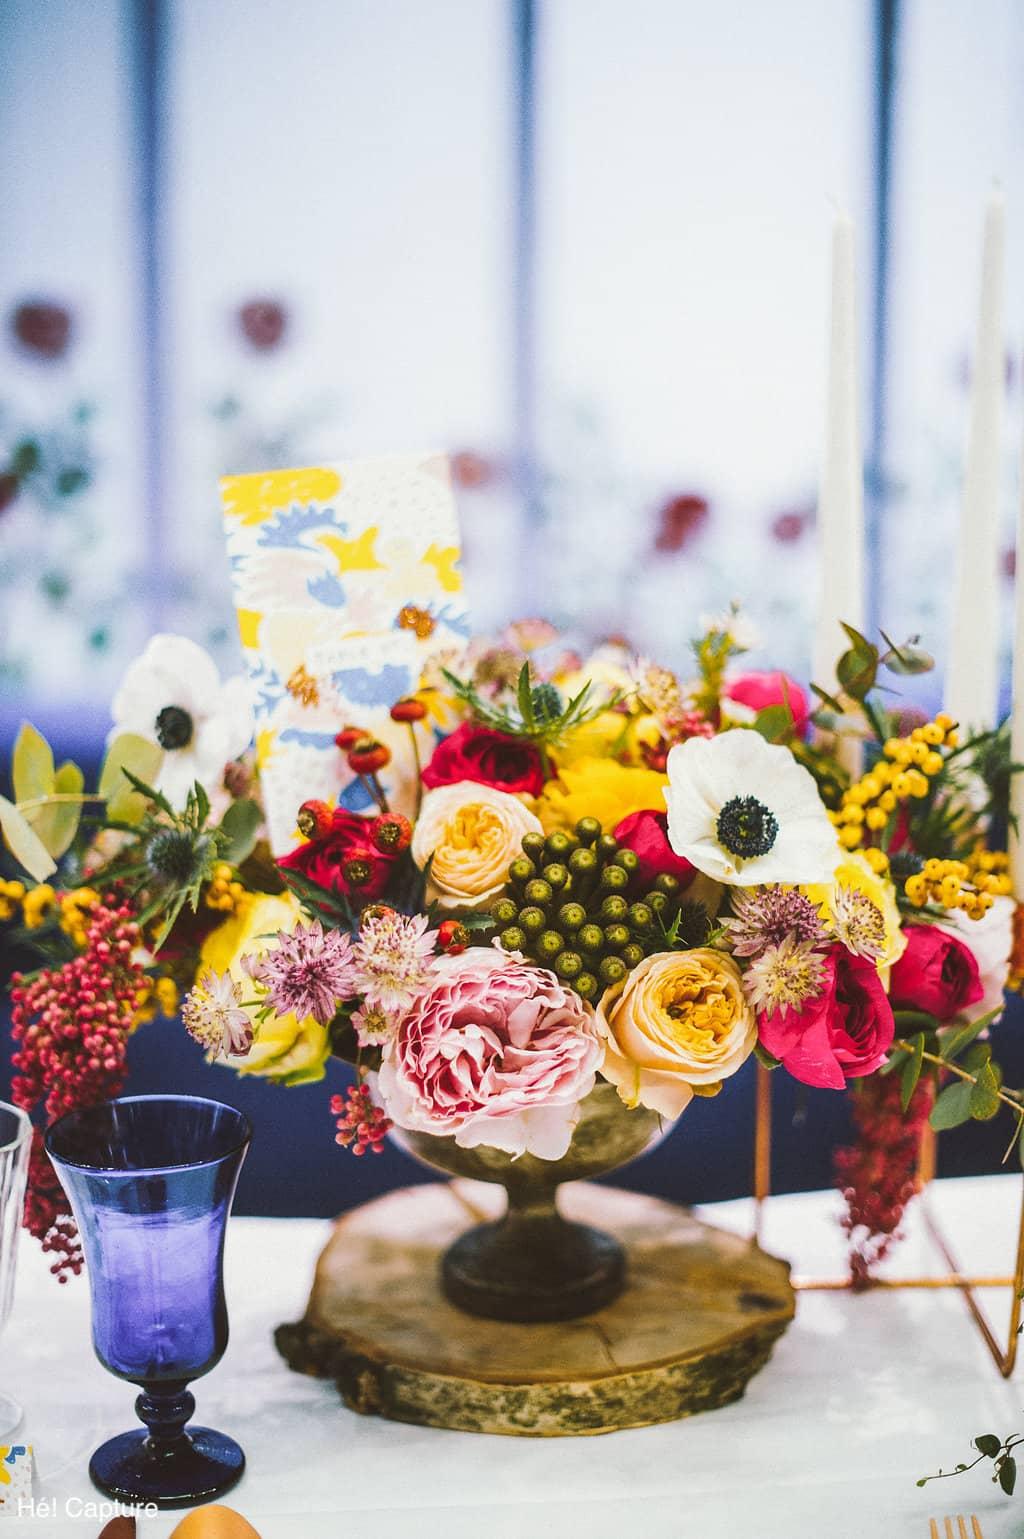 lieu-reception-coupe-fleurie-chic-colore-mariage